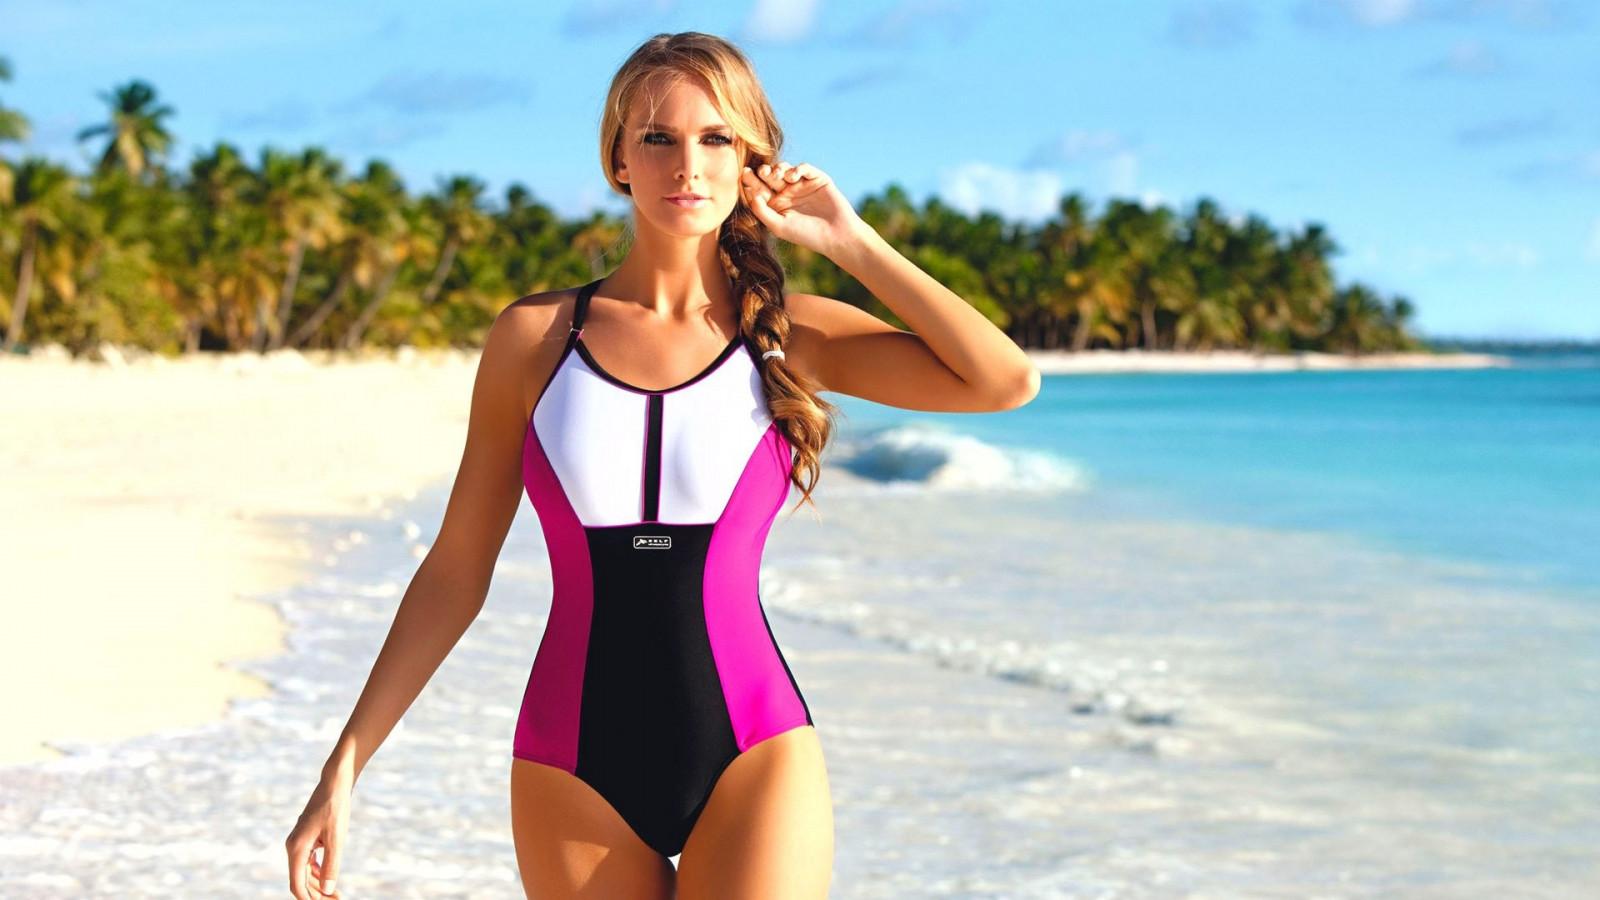 Красивая фигура девушек на пляже фото